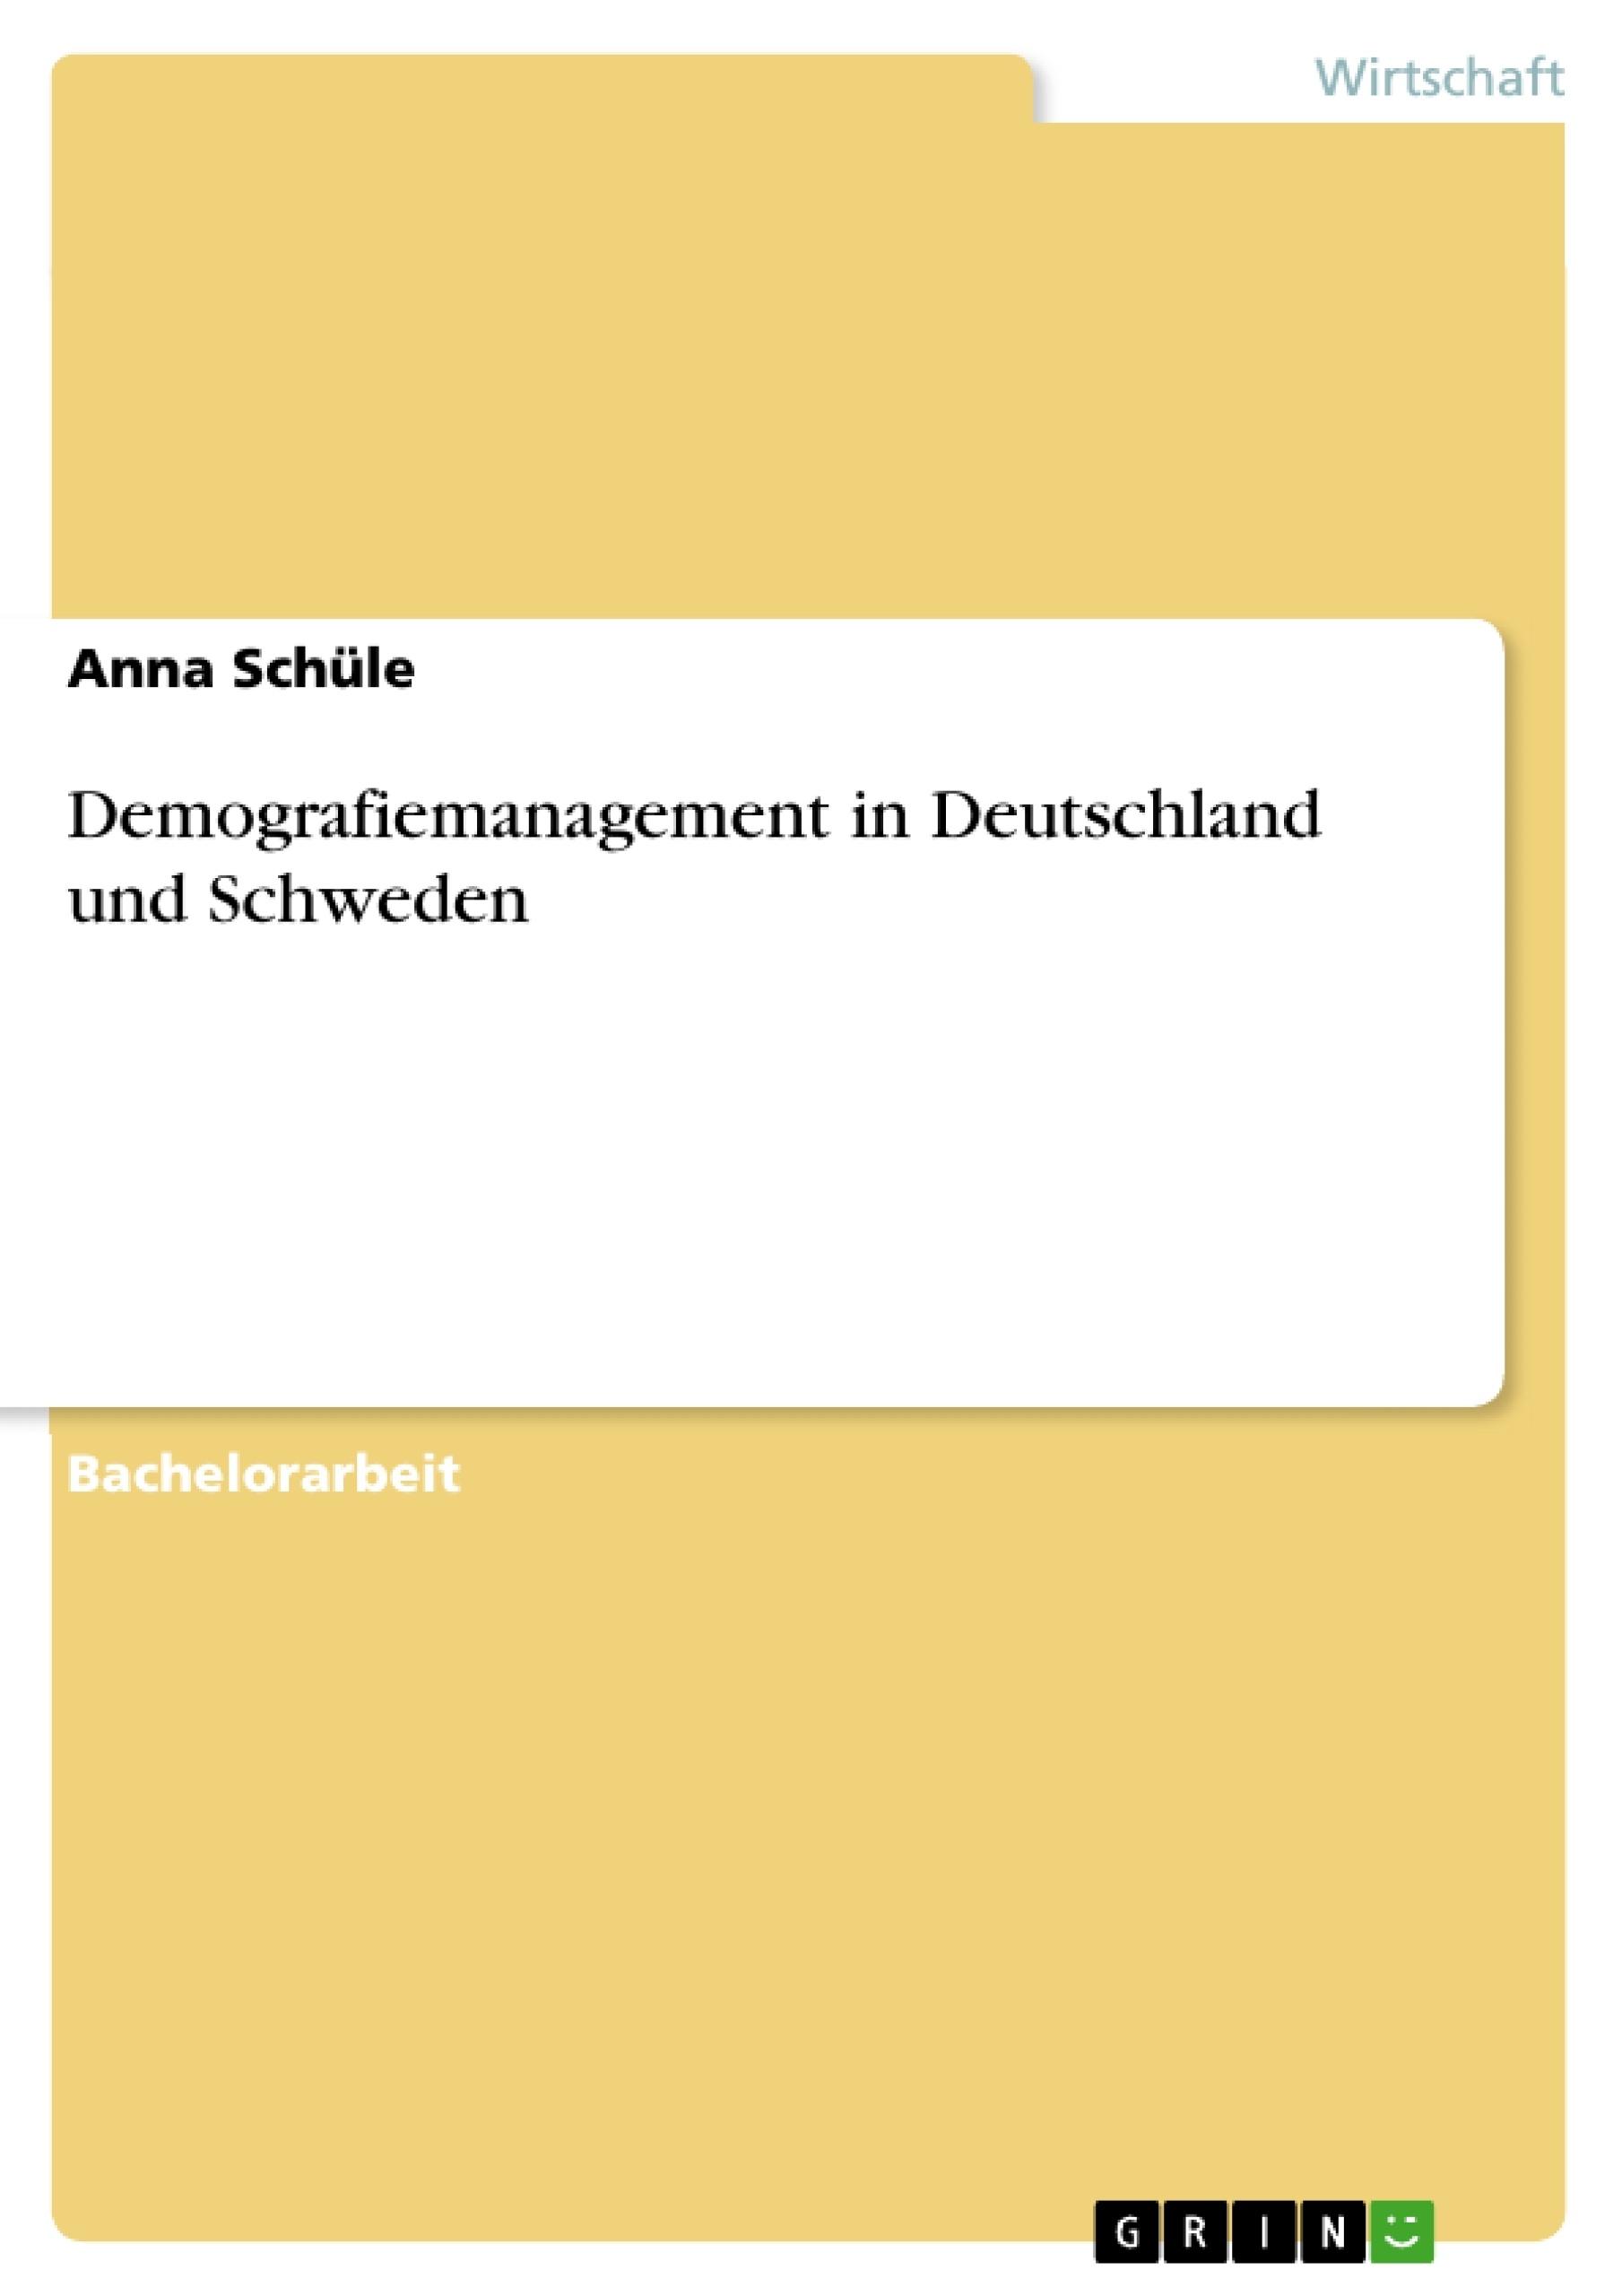 Titel: Demografiemanagement in Deutschland und Schweden